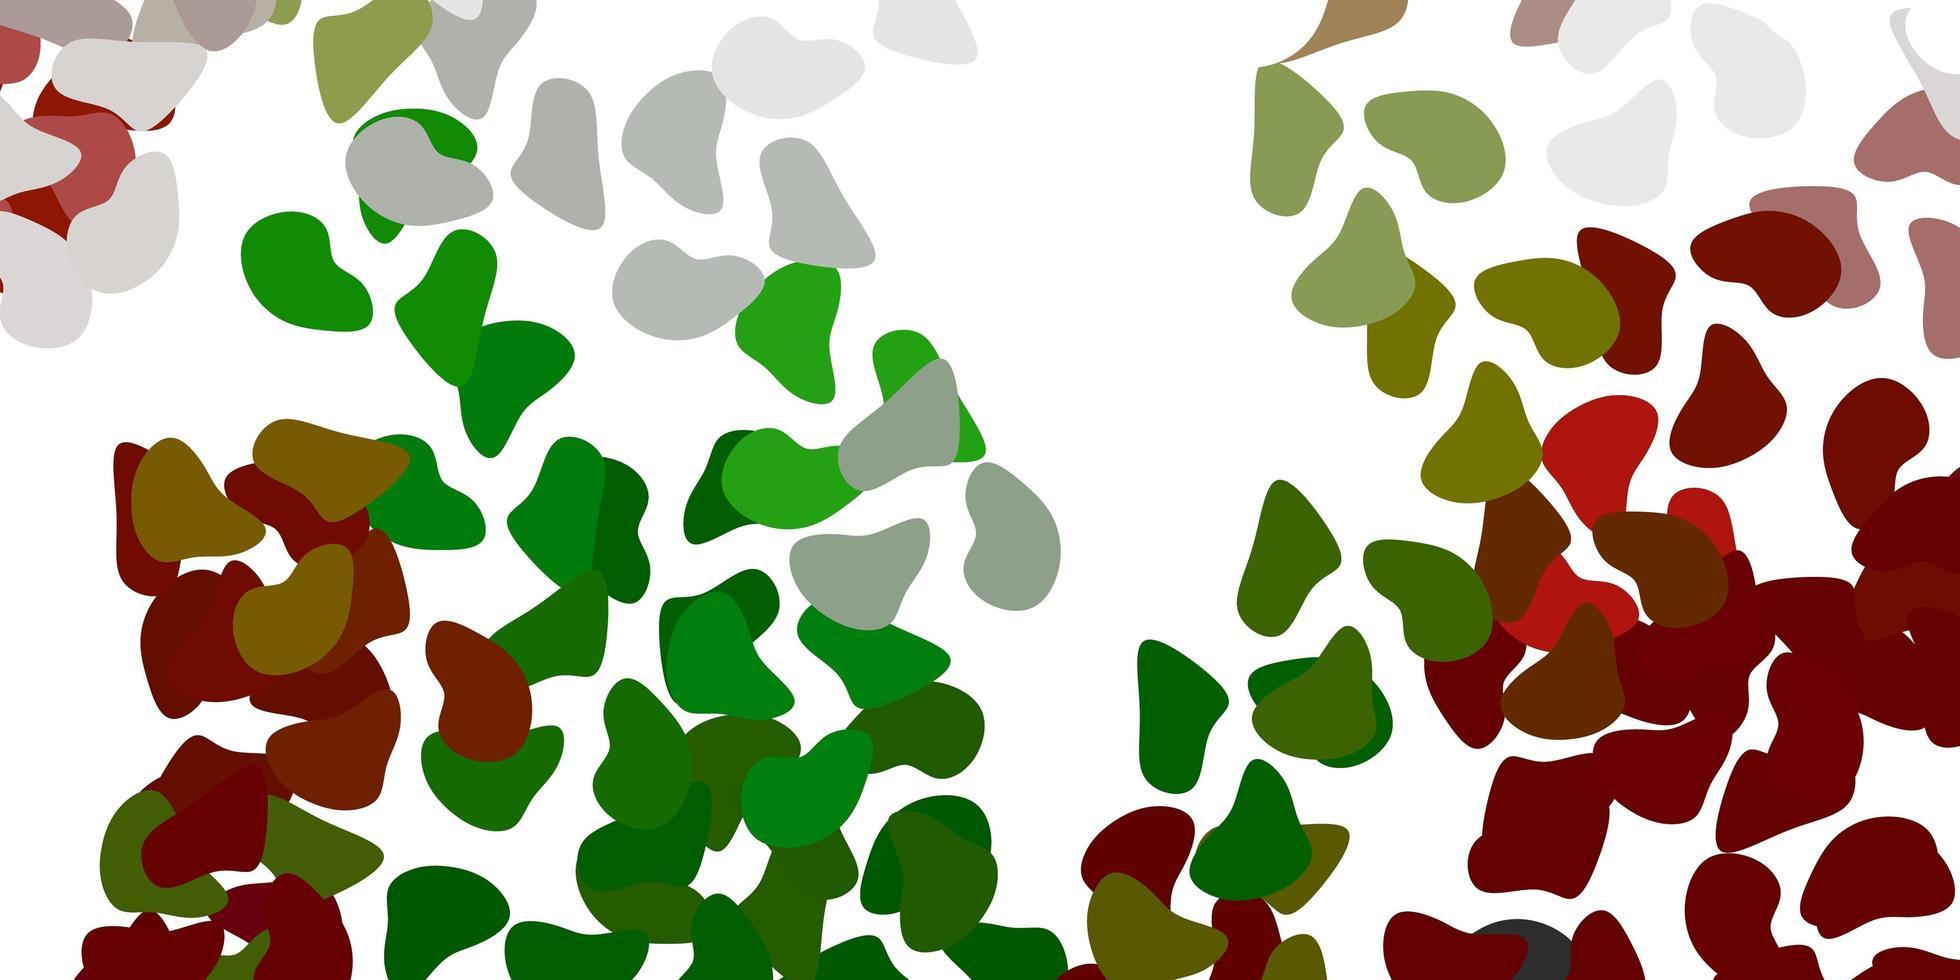 toile de fond de vecteur vert clair, rouge avec des formes chaotiques.